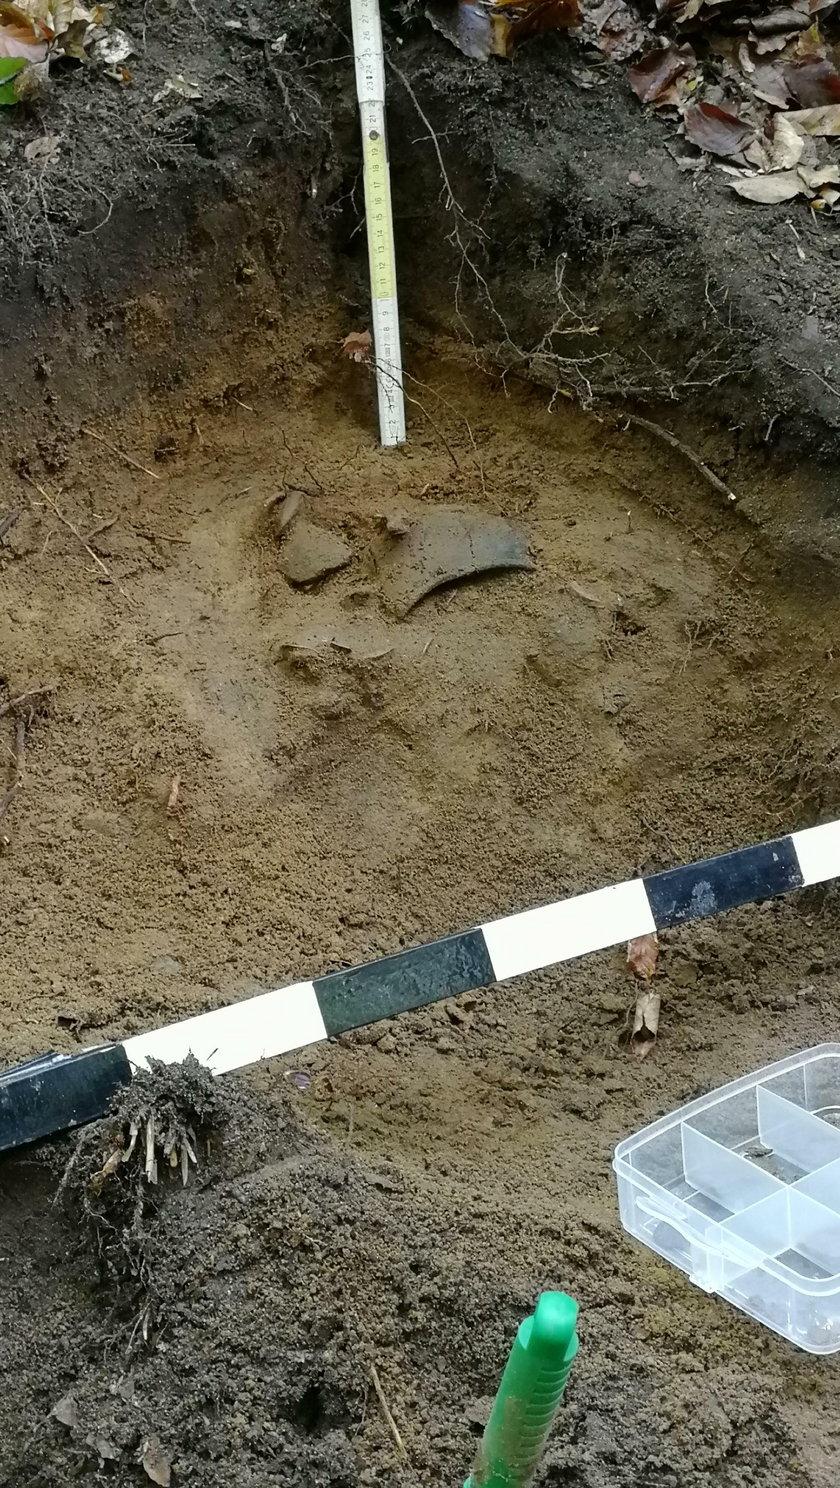 Poszedł na grzyby i znalazł średniowieczny skarb!